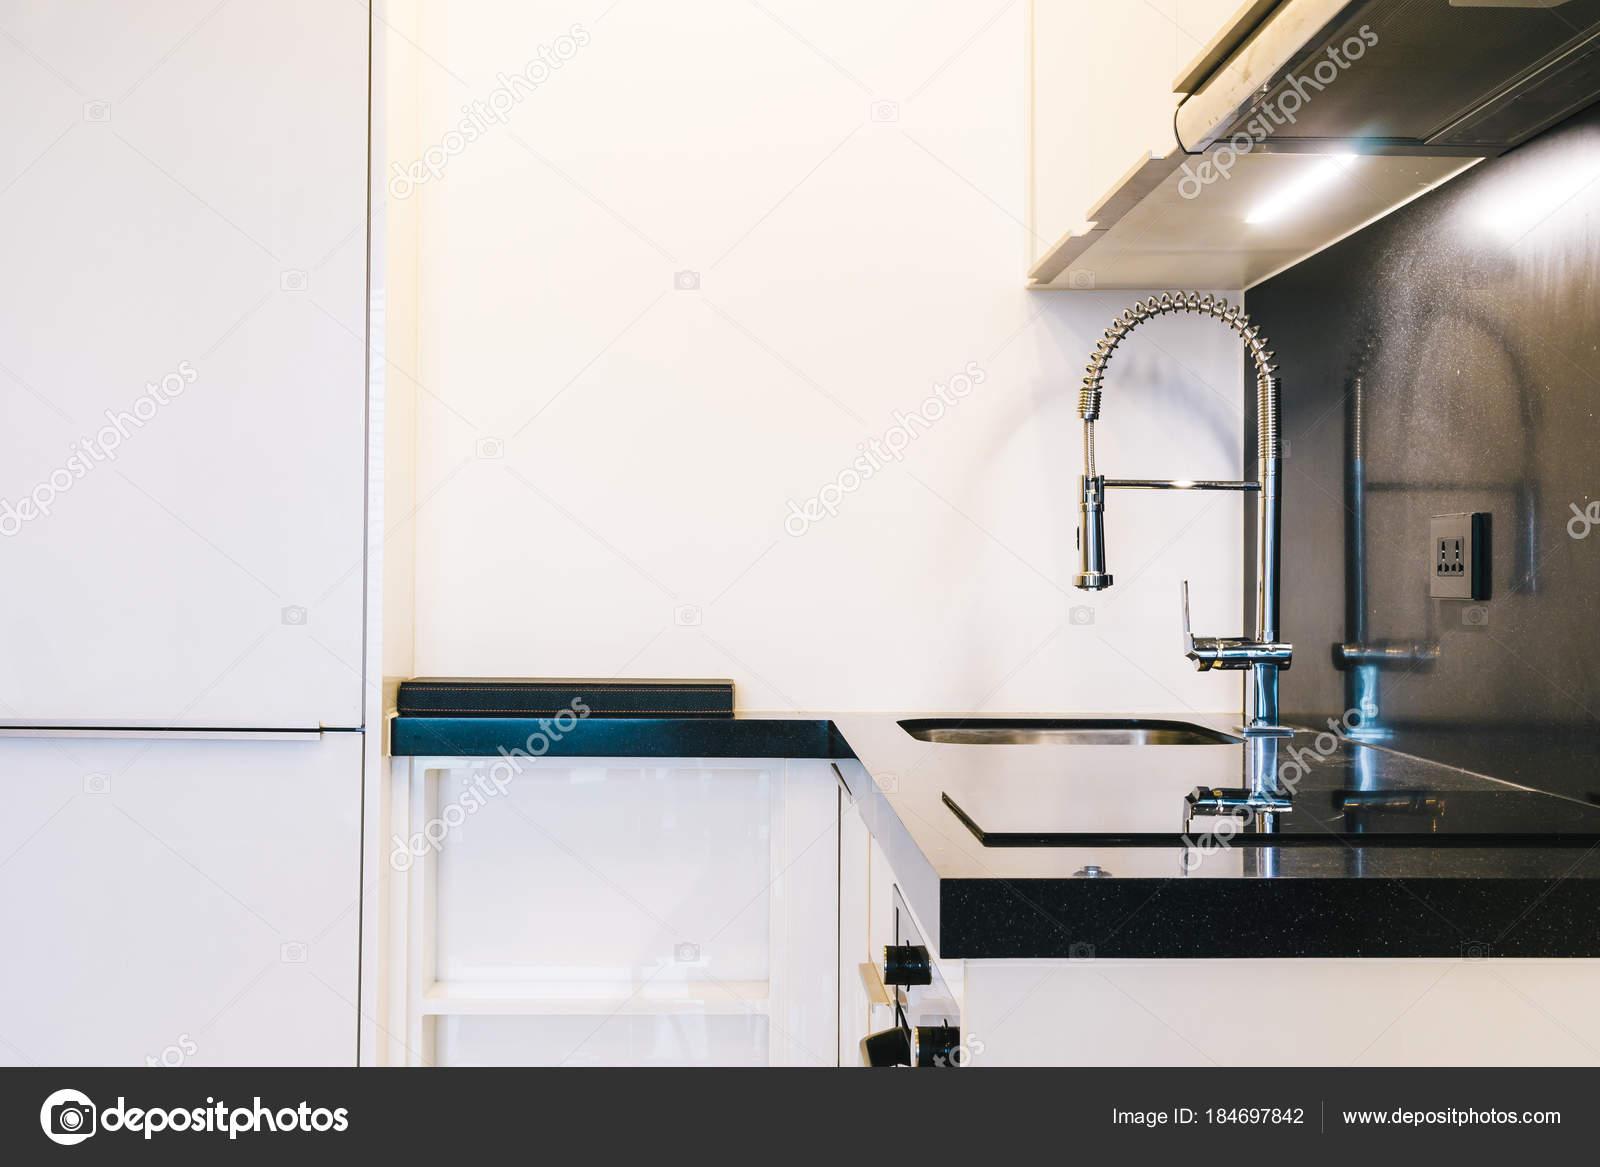 Armatur und Waschbecken Küche Interieur — Stockfoto © mrsiraphol ...